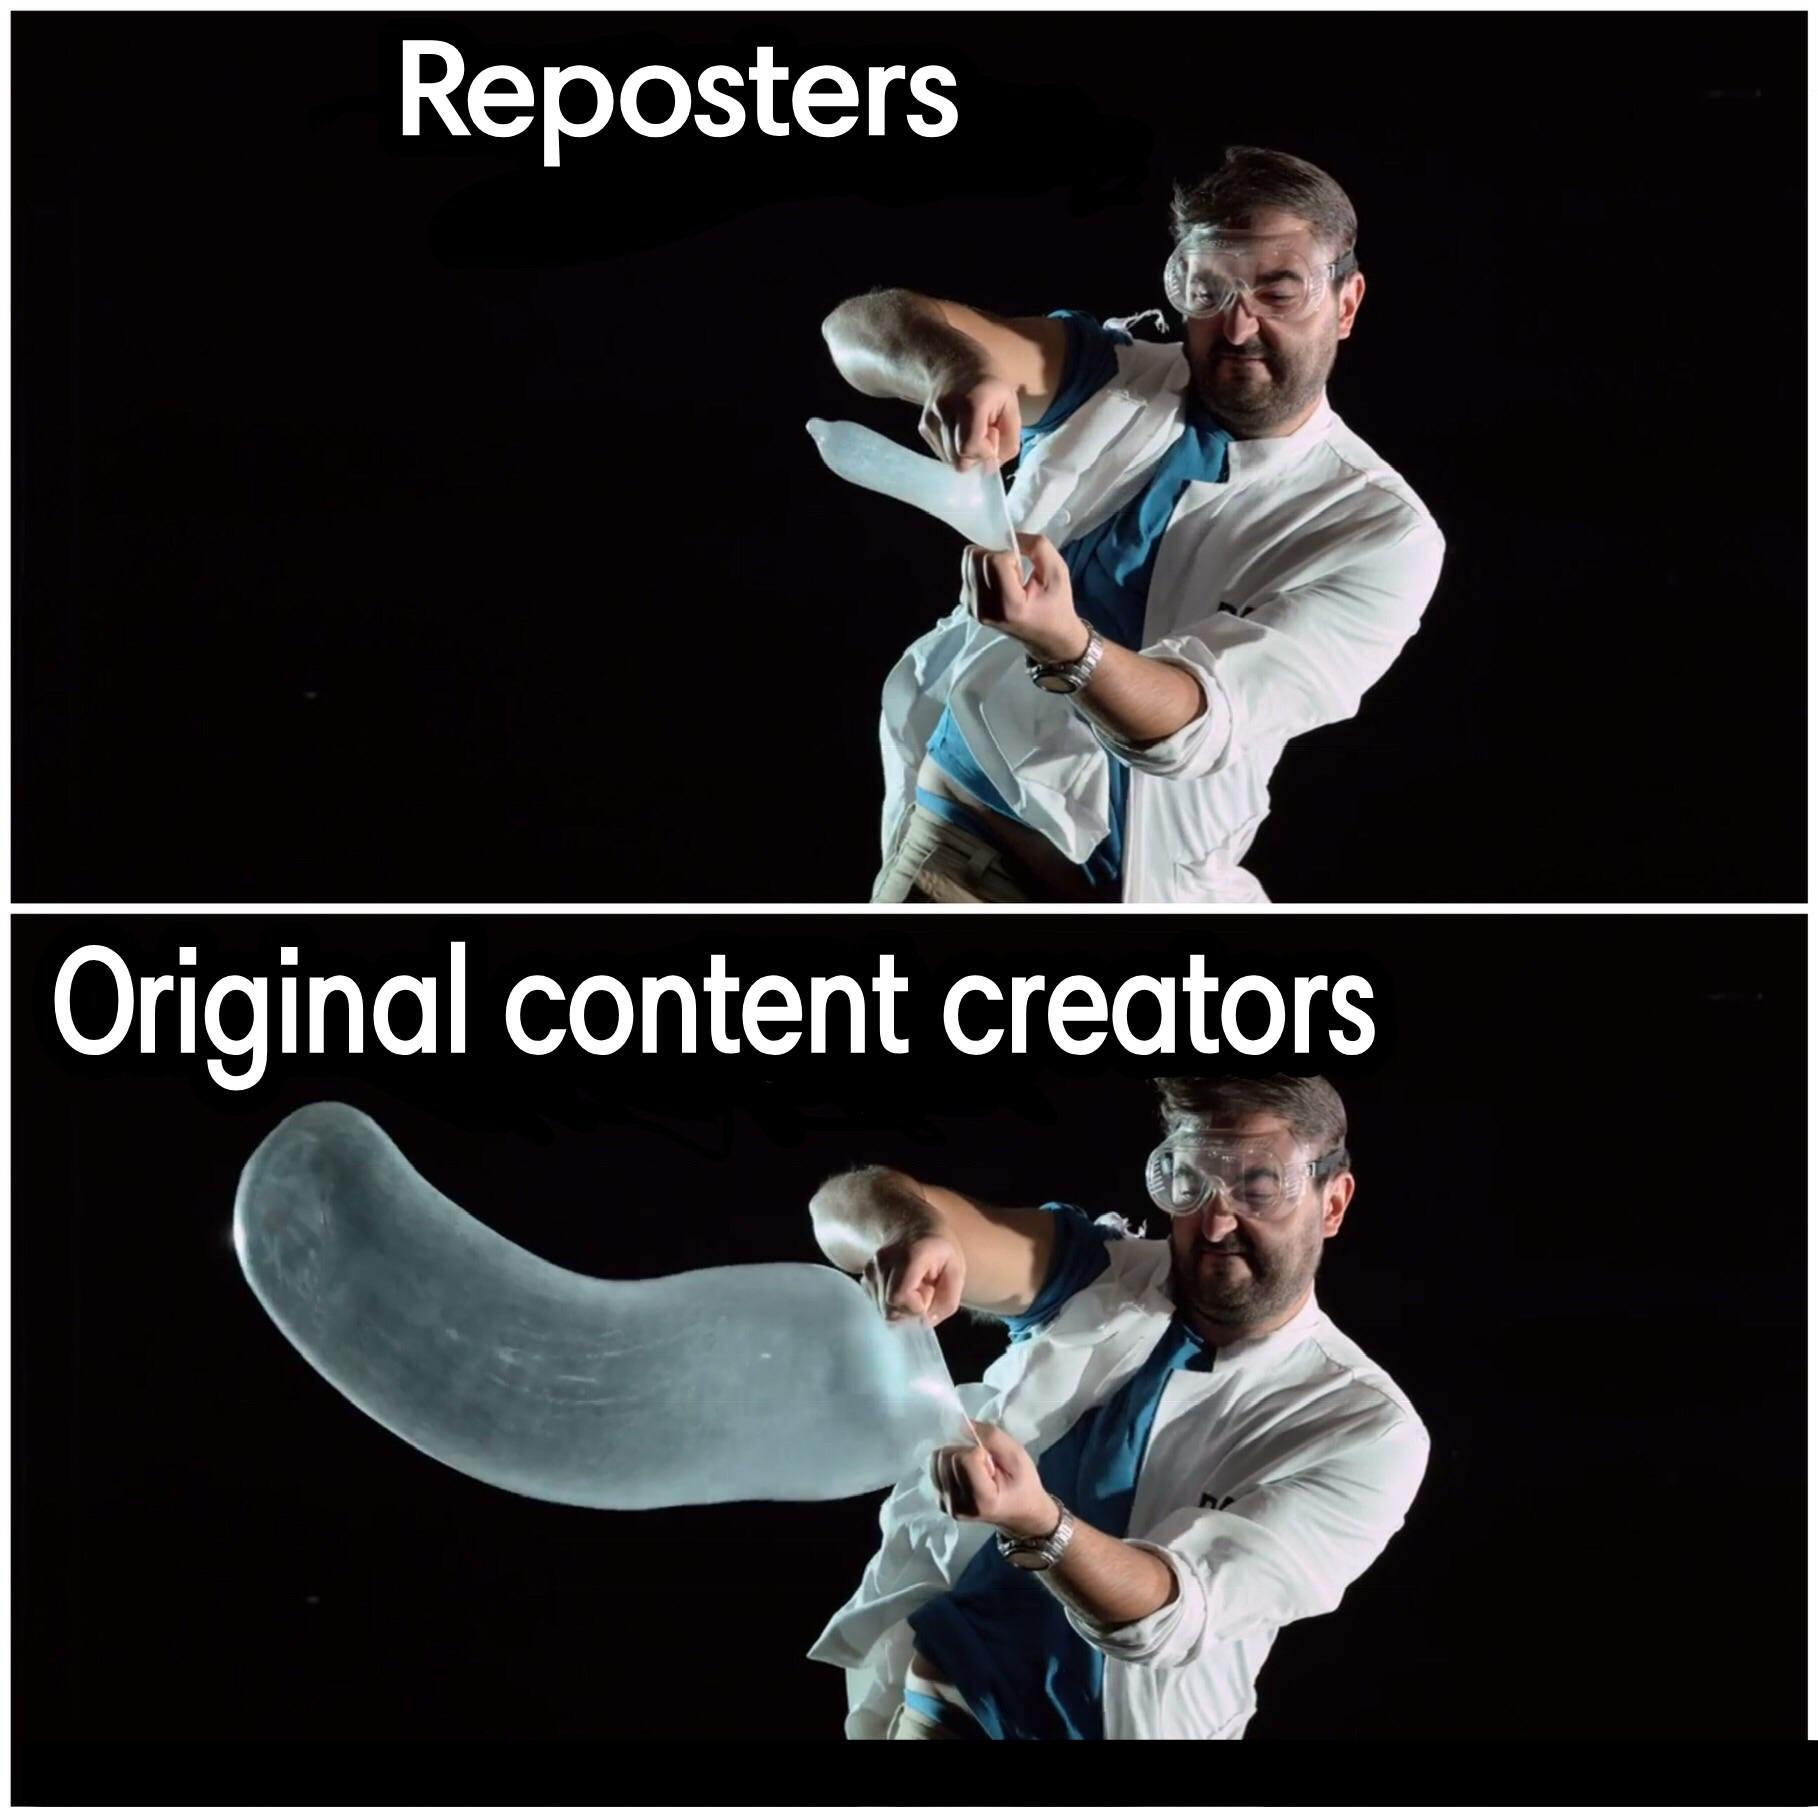 Show me your OC - meme